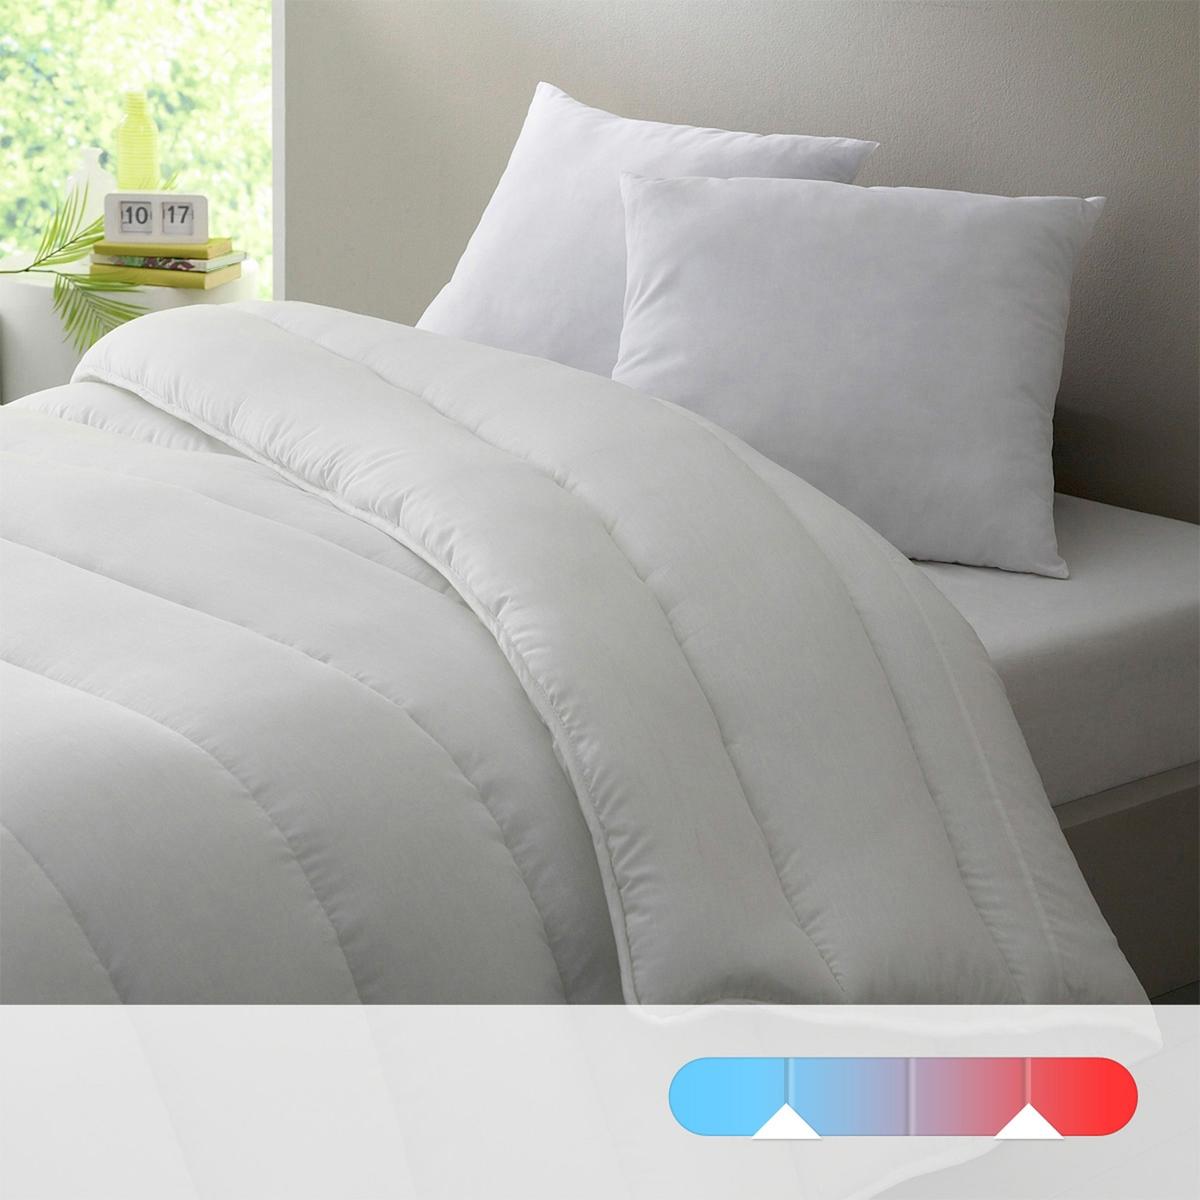 Одеяло двойное для любого времени года,175 г/м? и 300 г/м?Идеально для любого времени года: летнее одеяло 175 г/м? + 1 демисезонное одеяло 300 г/м? и два – для зимы. Соединение завязками.Наполнитель: 100% полиэстер, полое силиконовое волокно, подвергнутое обработке SANITIZED. Покрытие: 100% полиэстер. Отделка кантом.Прострочка: под углом. Стирка при 30°<br><br>Цвет: белый